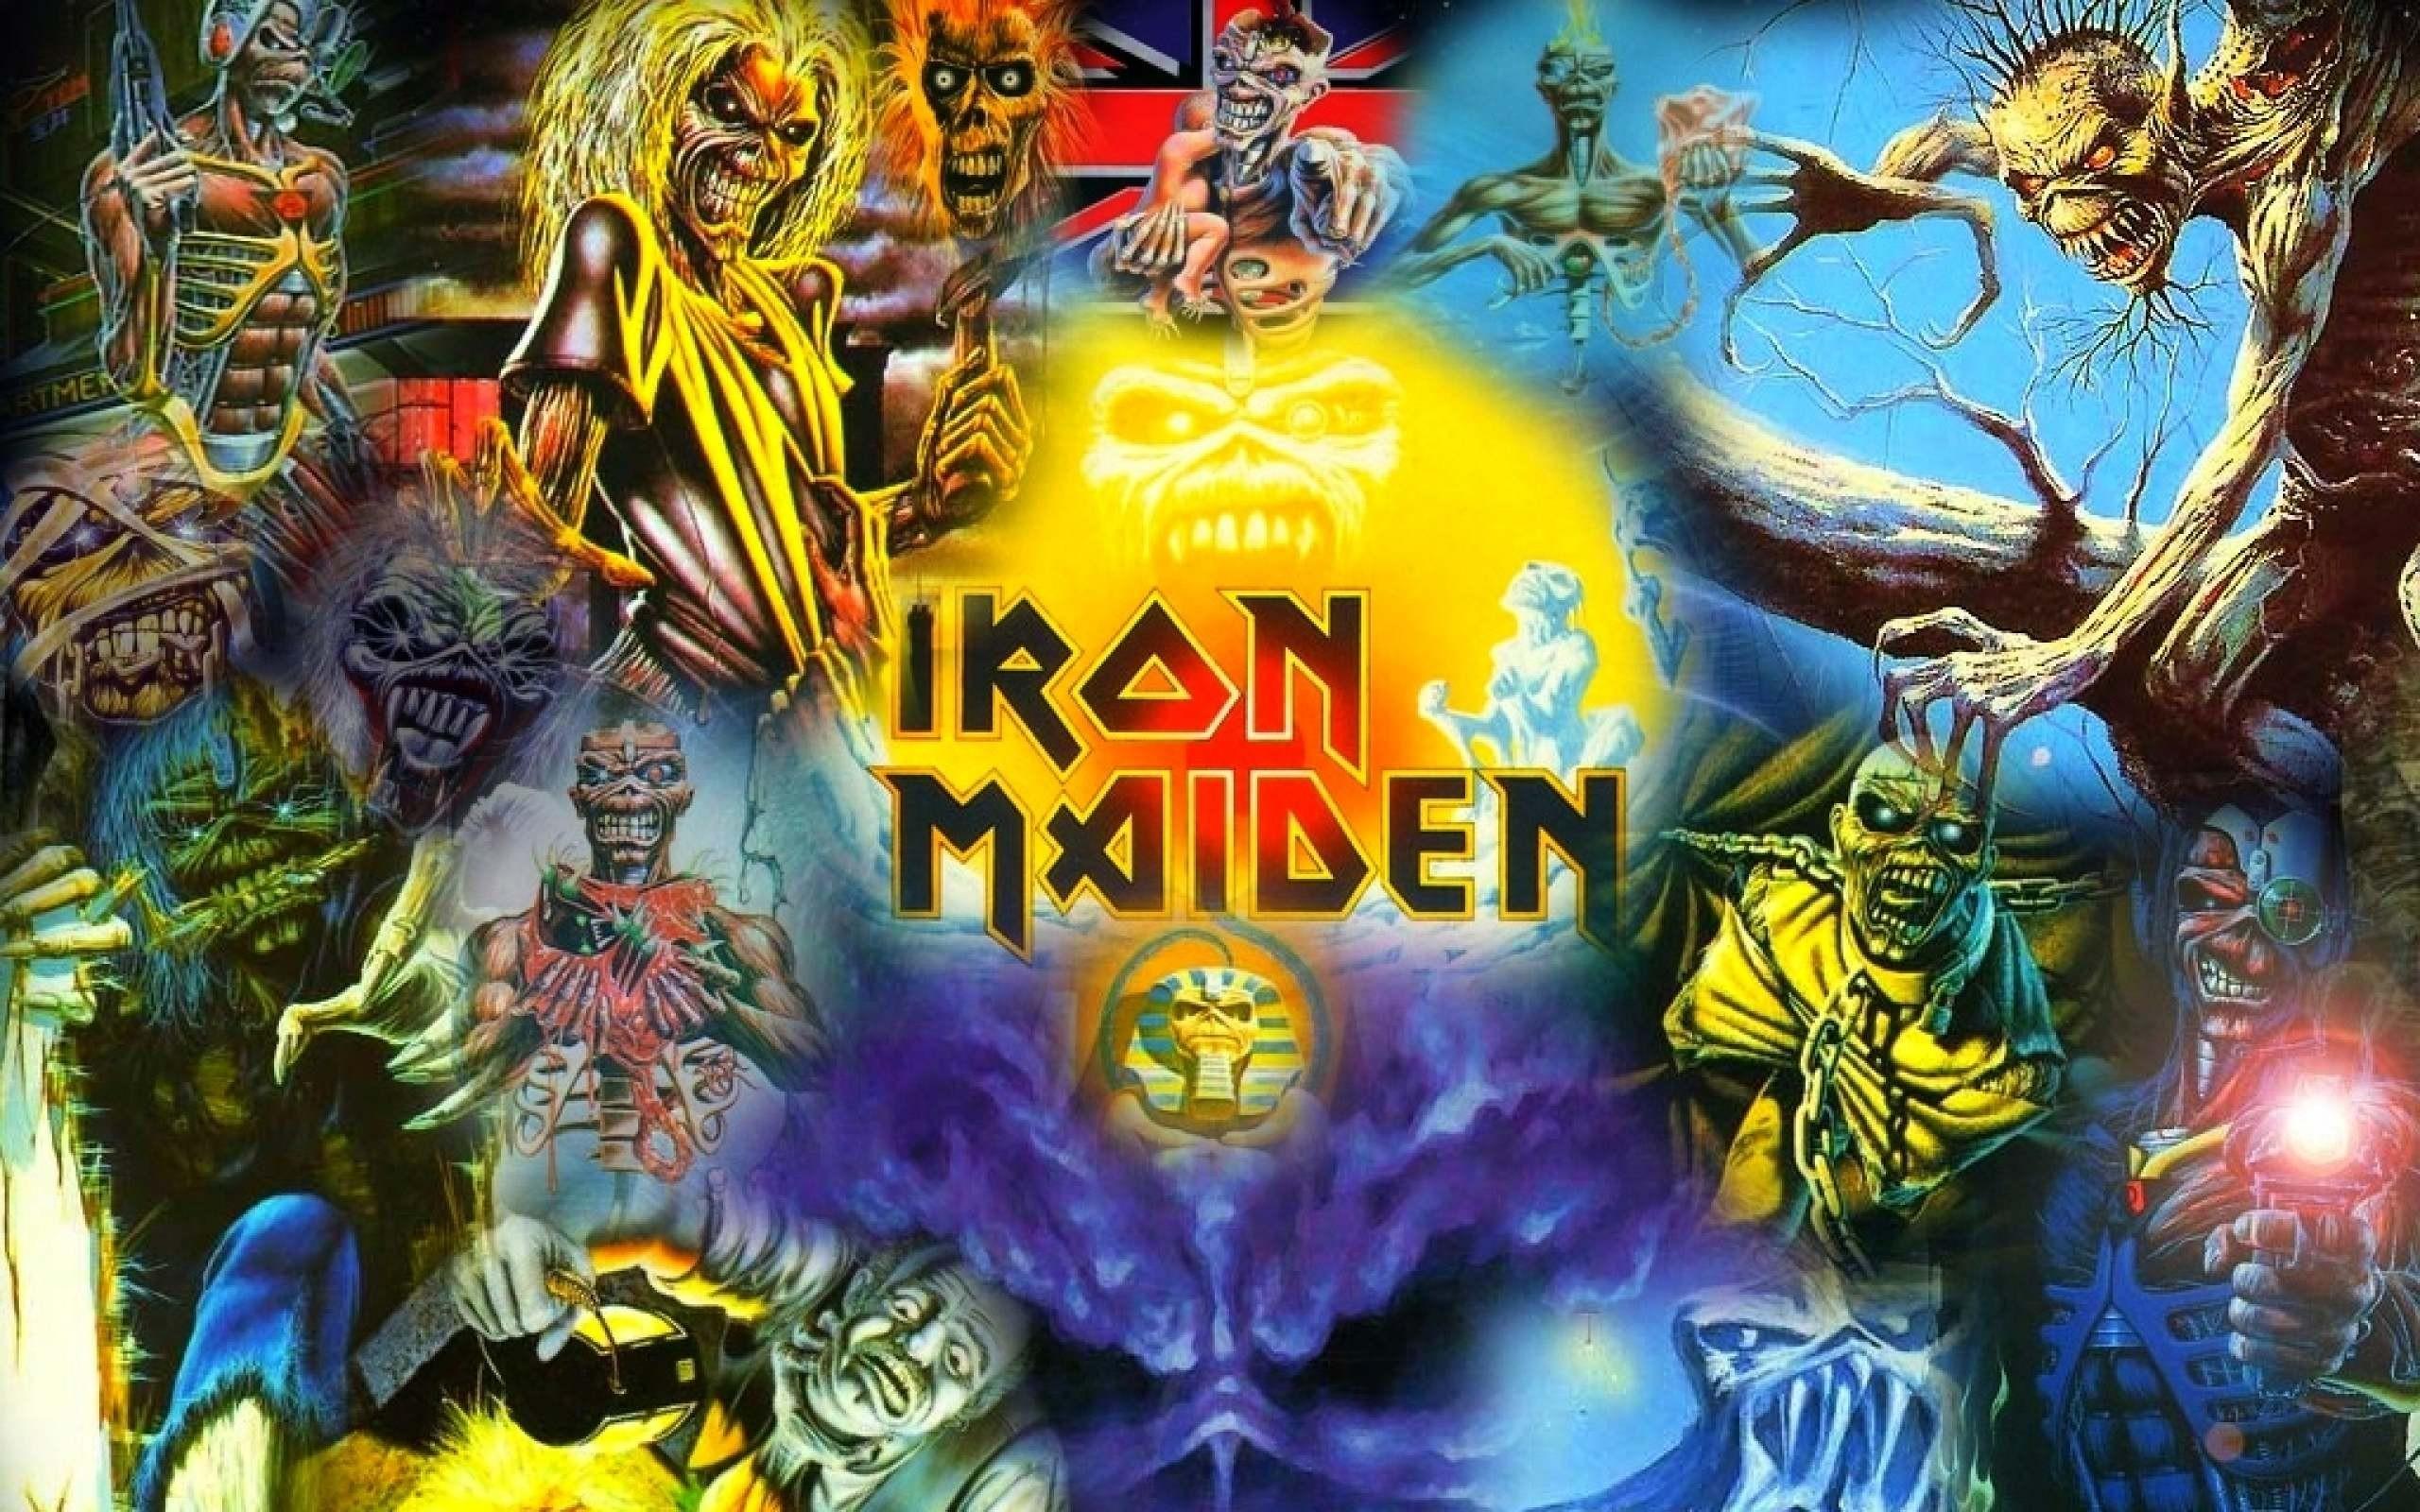 Eddie Iron Maiden High Quality Wallpaper For Desktop 2560x1600